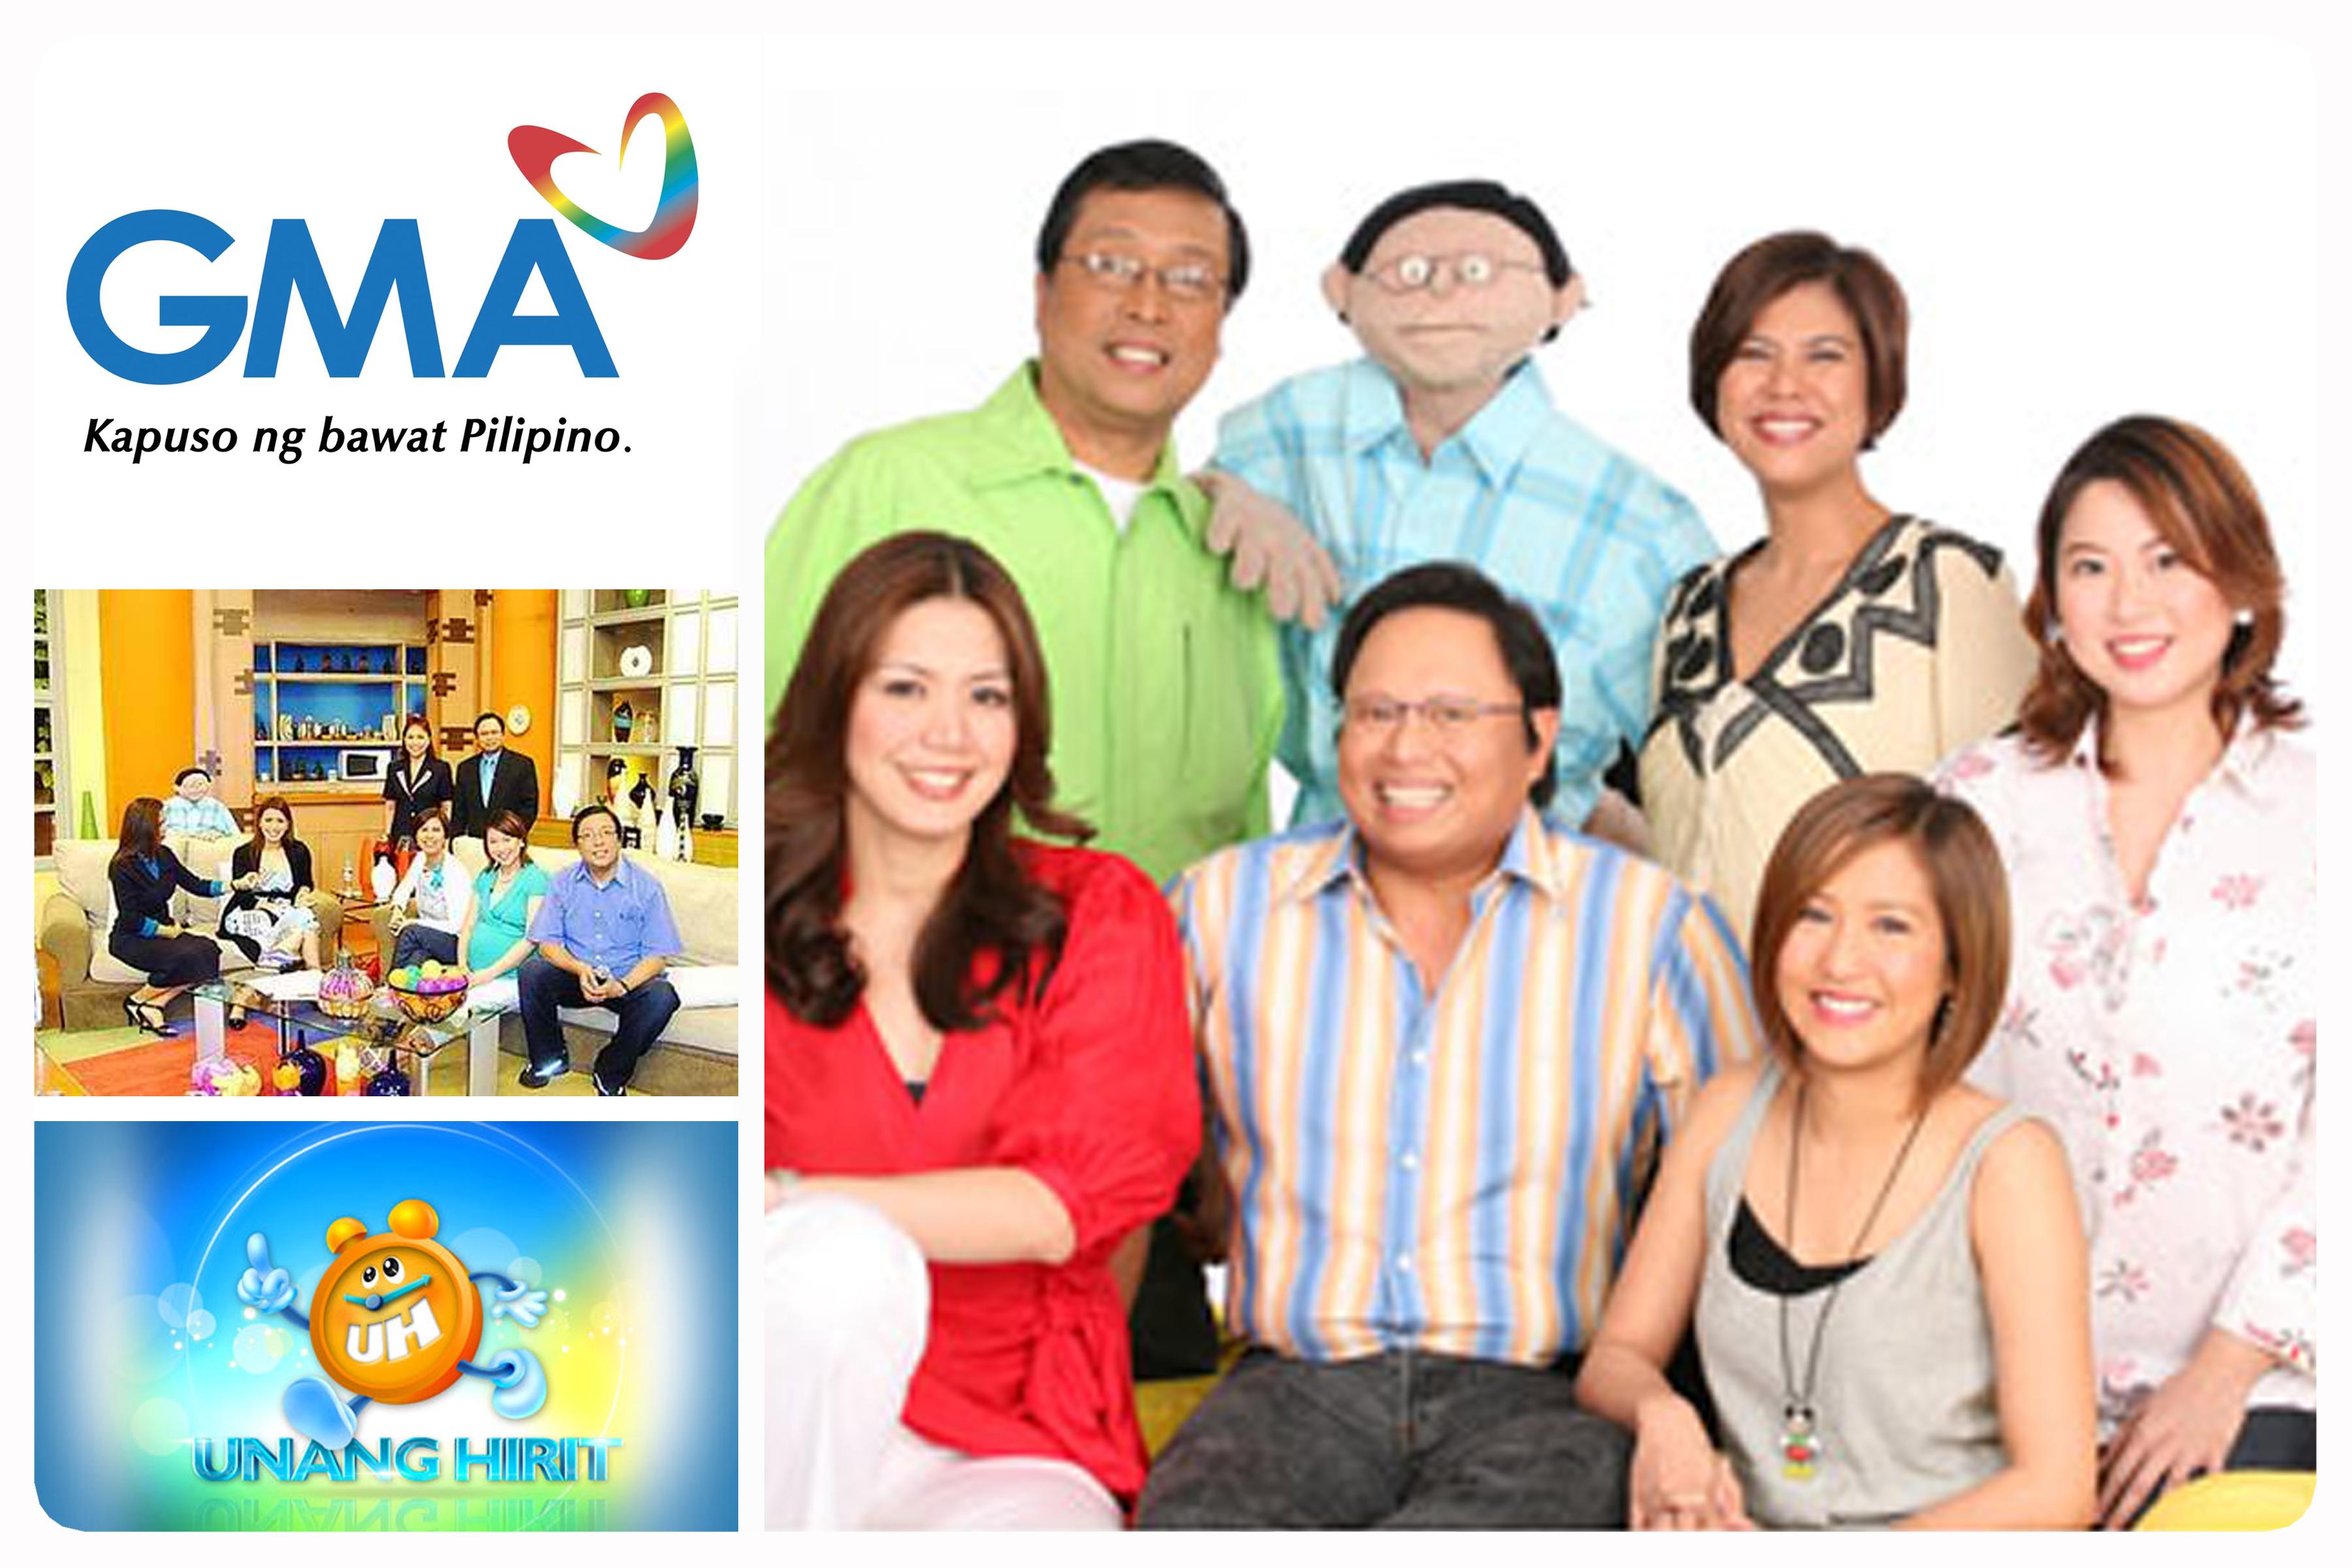 Unang Hirit GMA7 Main Cast